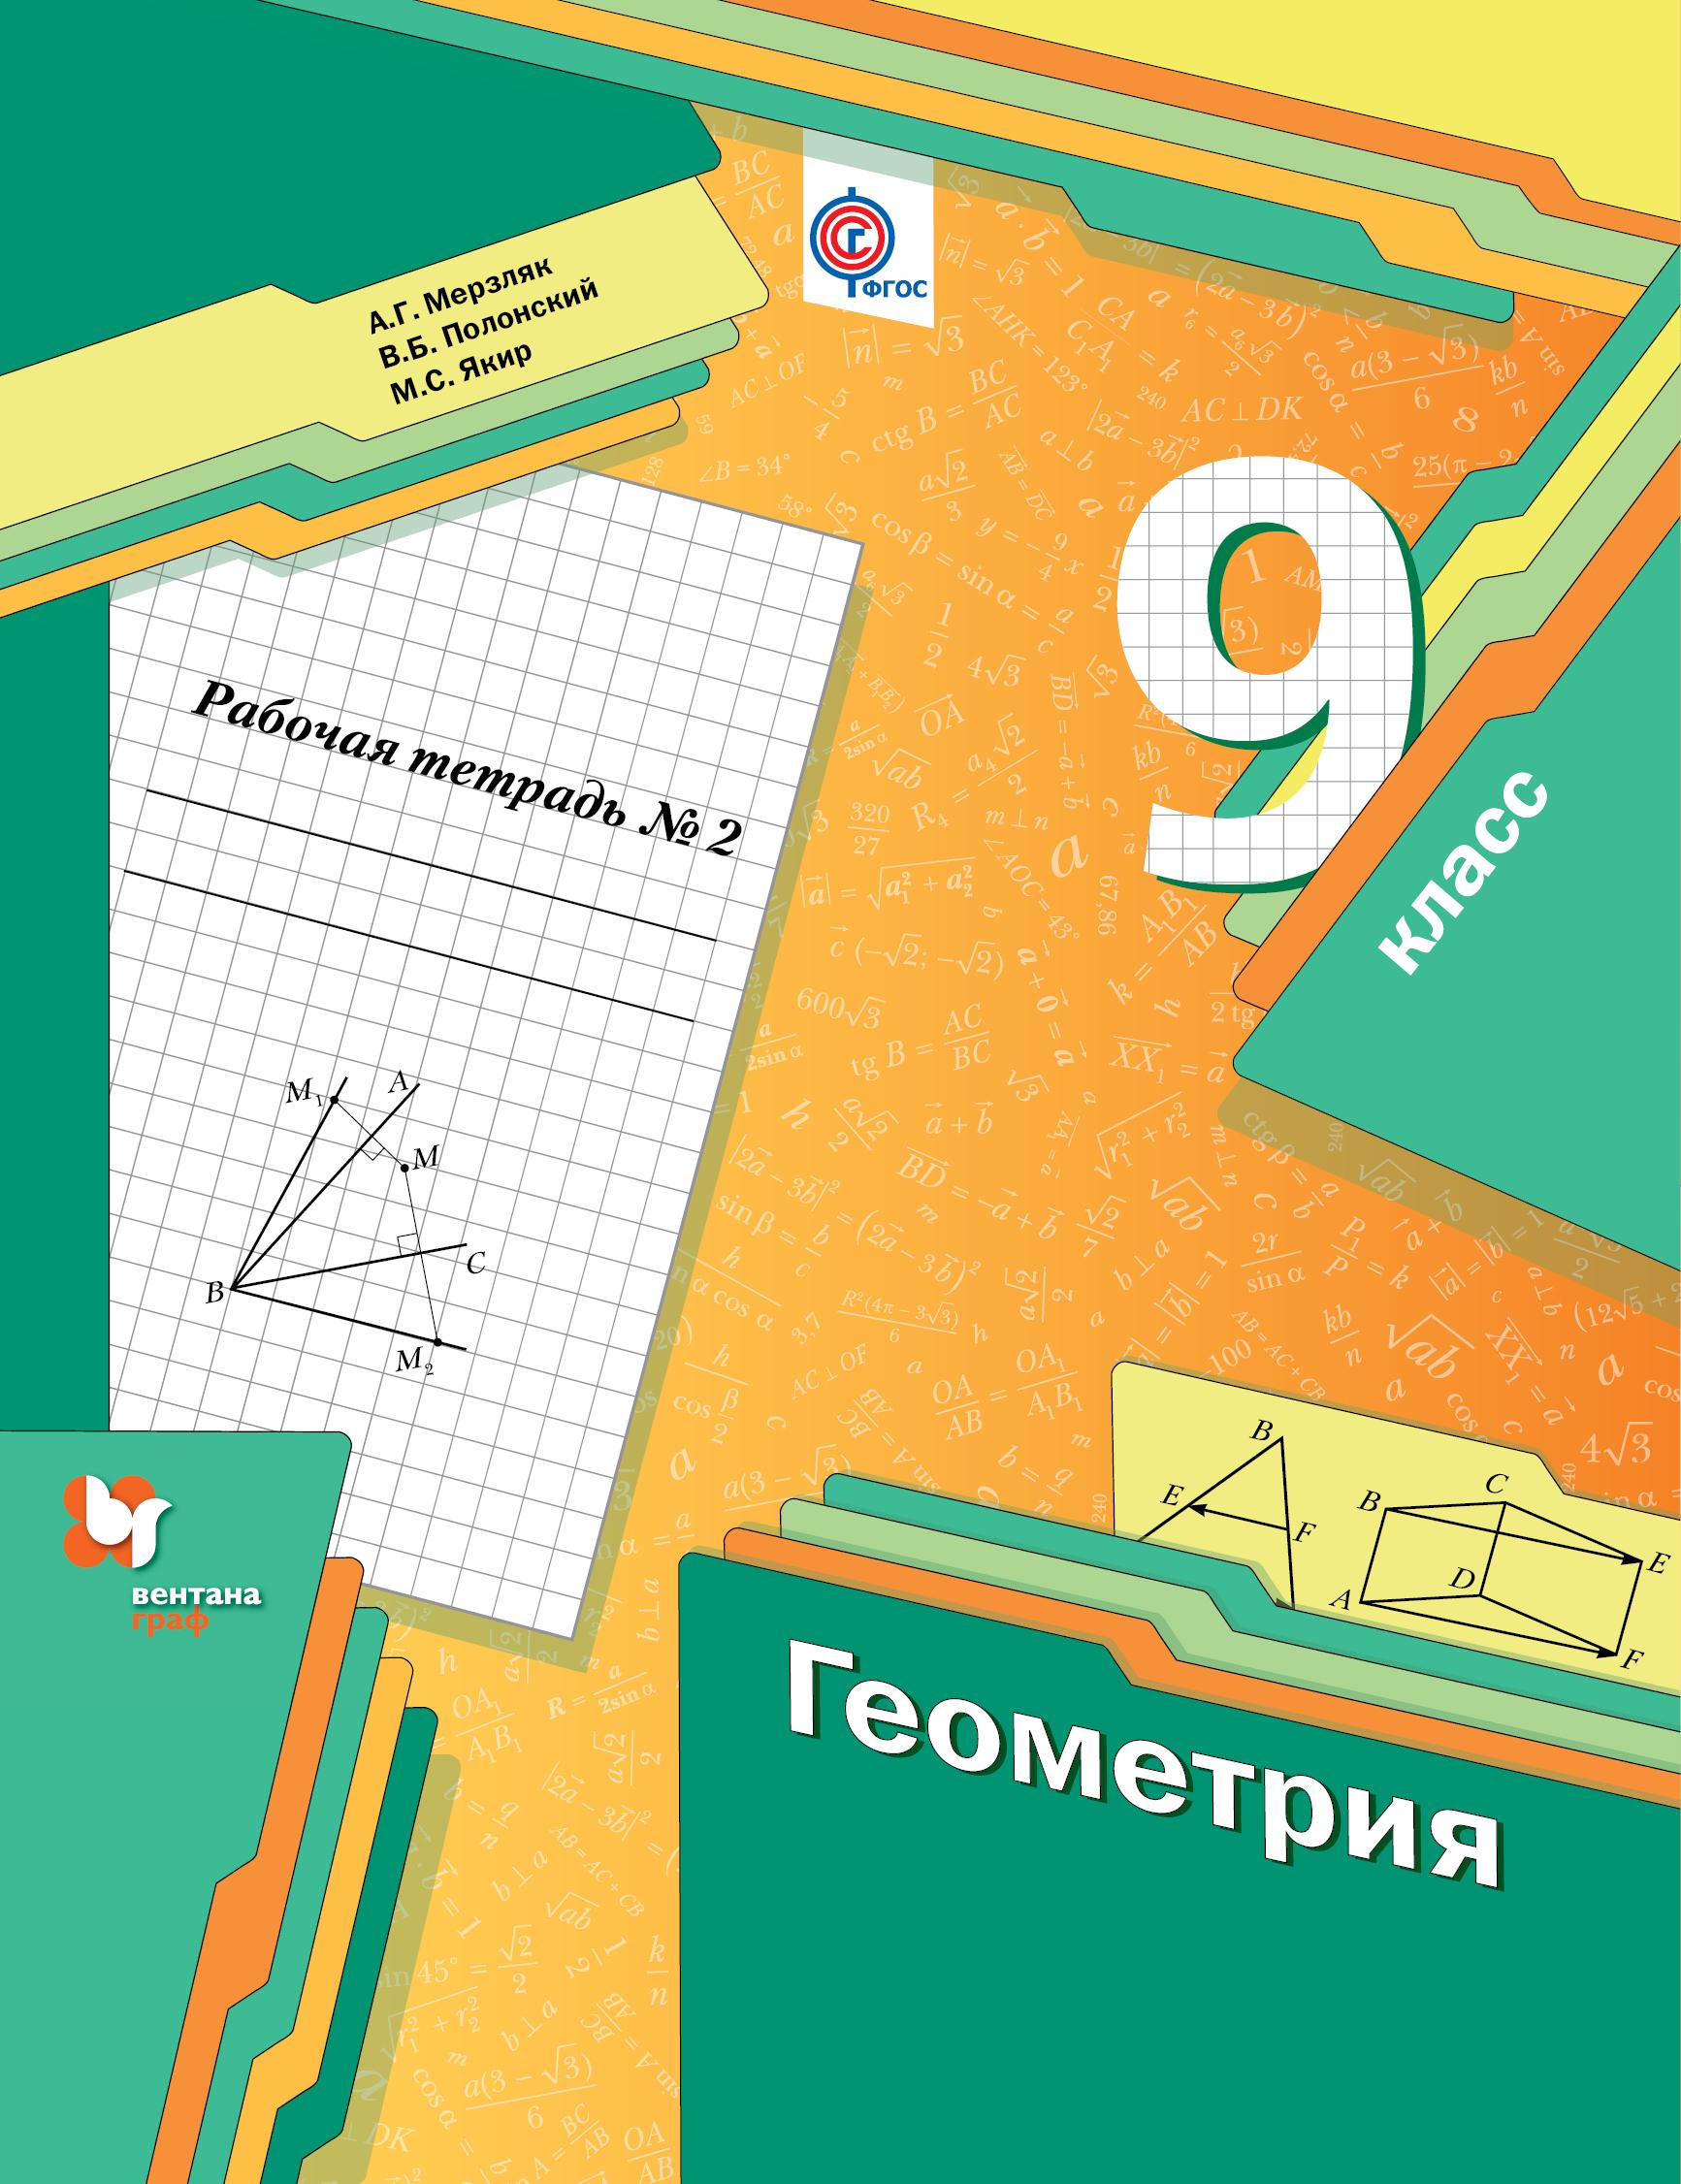 А.Г. Мерзляк, В.Б. Полонский , М.С. Якир Геометрия. 9класс. Рабочая тетрадь №2